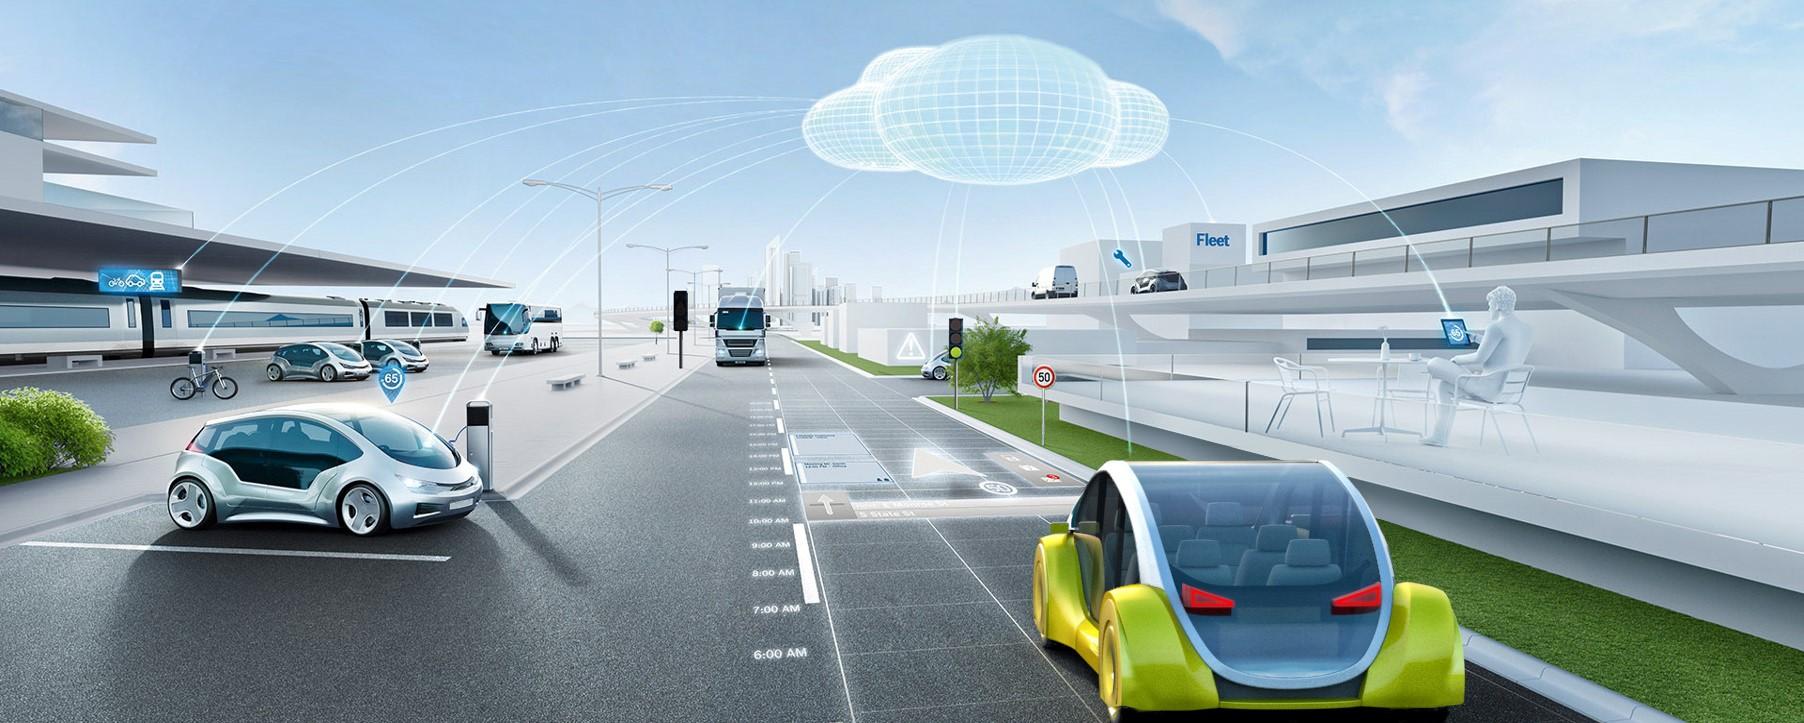 Bosch Automotie Cloud Suite